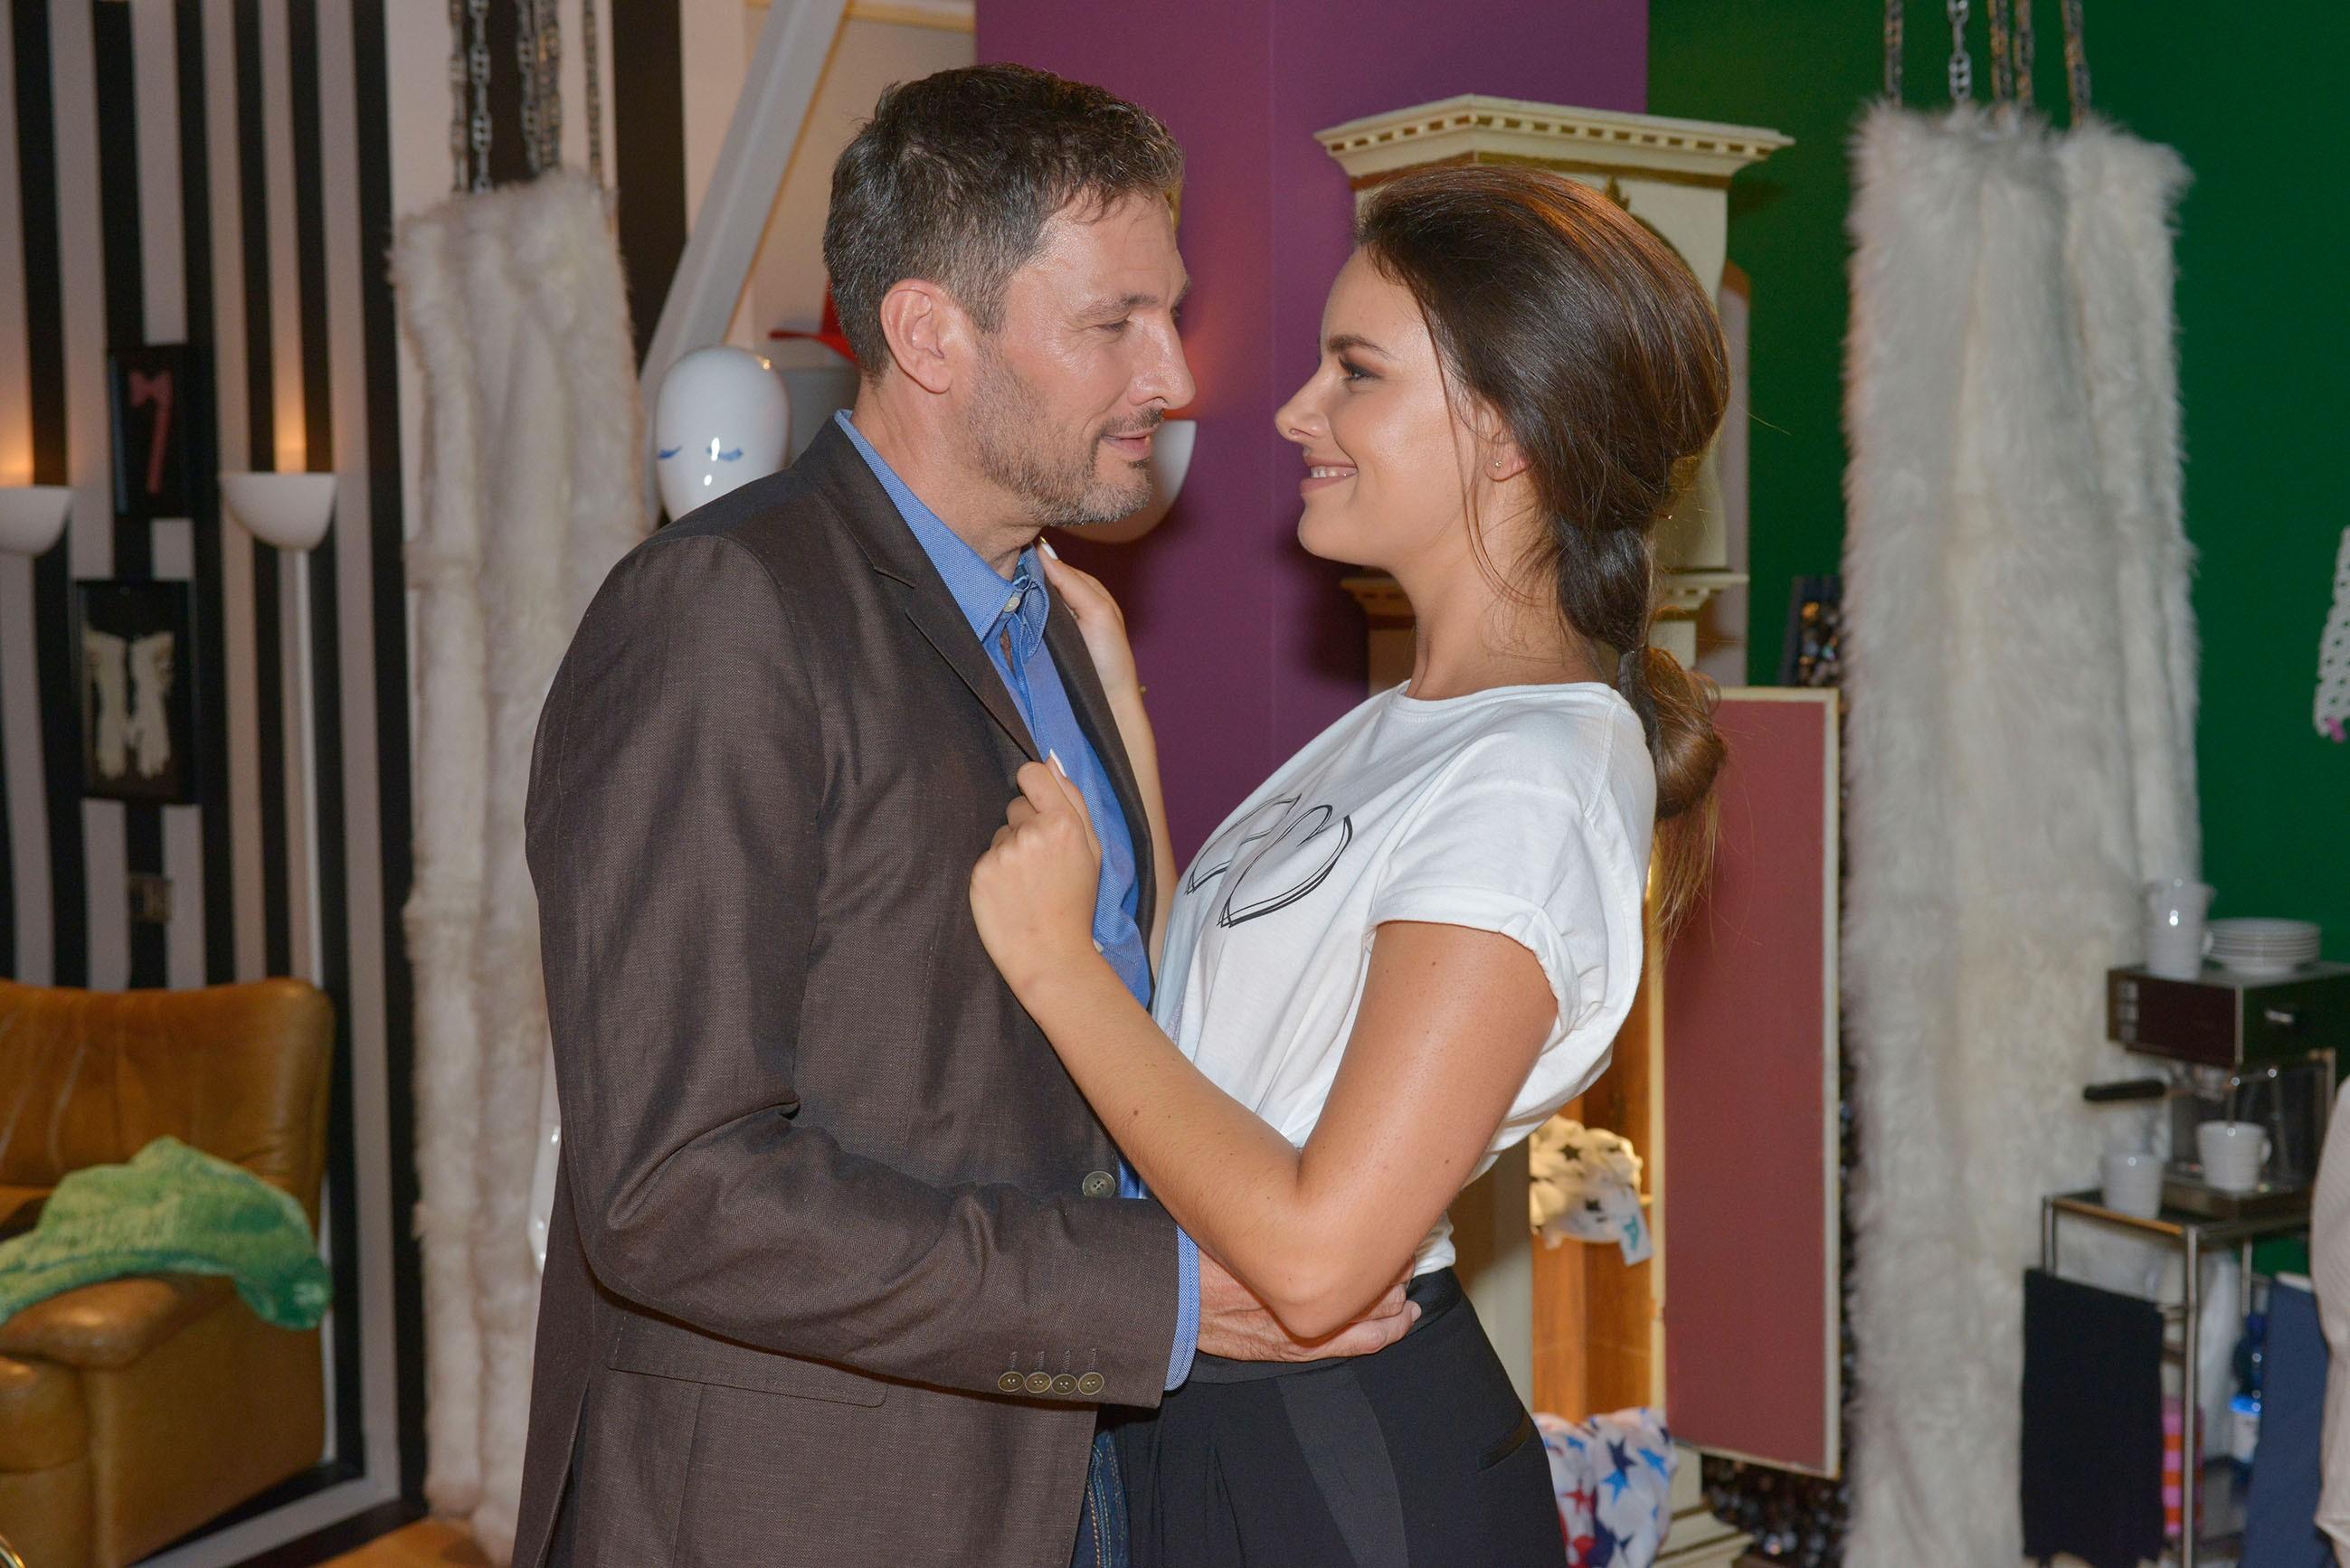 Jasmin (Janina Uhse) möchte schnellstmöglich mit Frederic (Dieter Bach) zusammenziehen - nicht ahnend, dass ein dunkler Schatten über dieser Liebe liegt... (Quelle: RTL / Rolf Baumgartner)